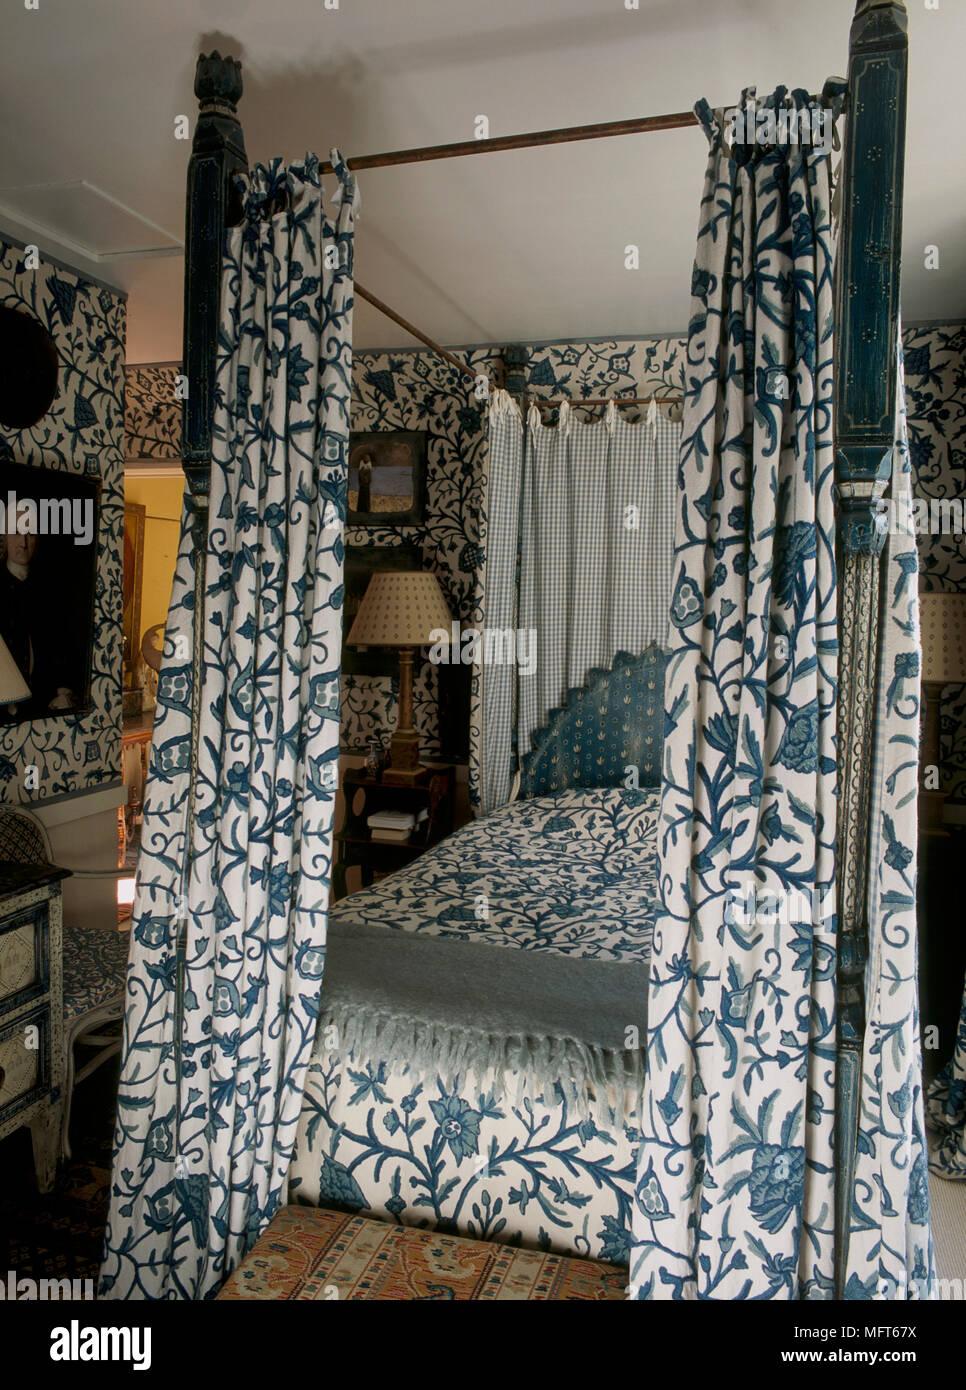 blaues schlafzimmer mit muster tapete und koordinierte bezge auf himmelbett mit vorhngen - Muster Tapete Schlafzimmer